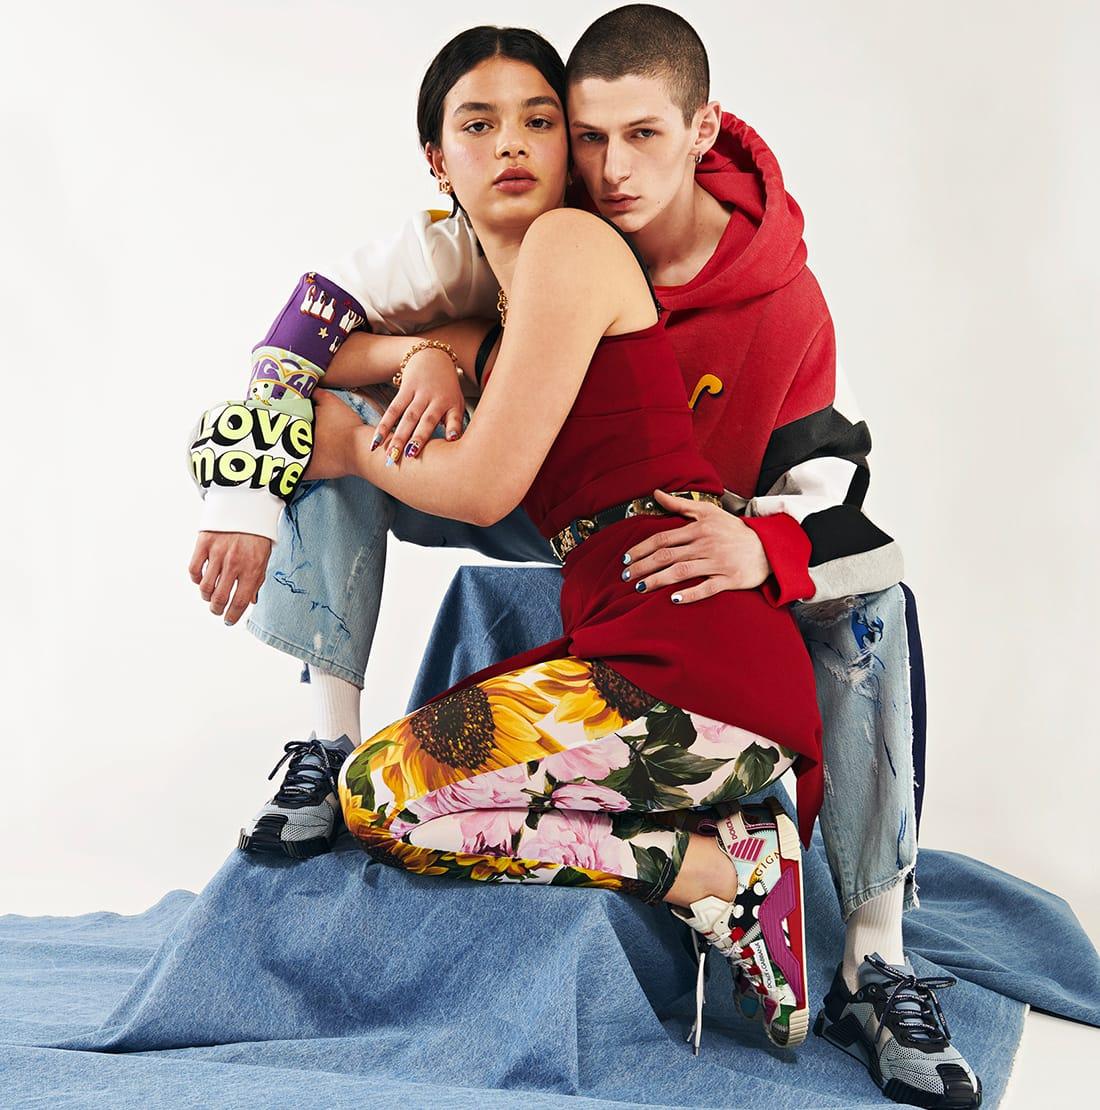 sneakers-lovers